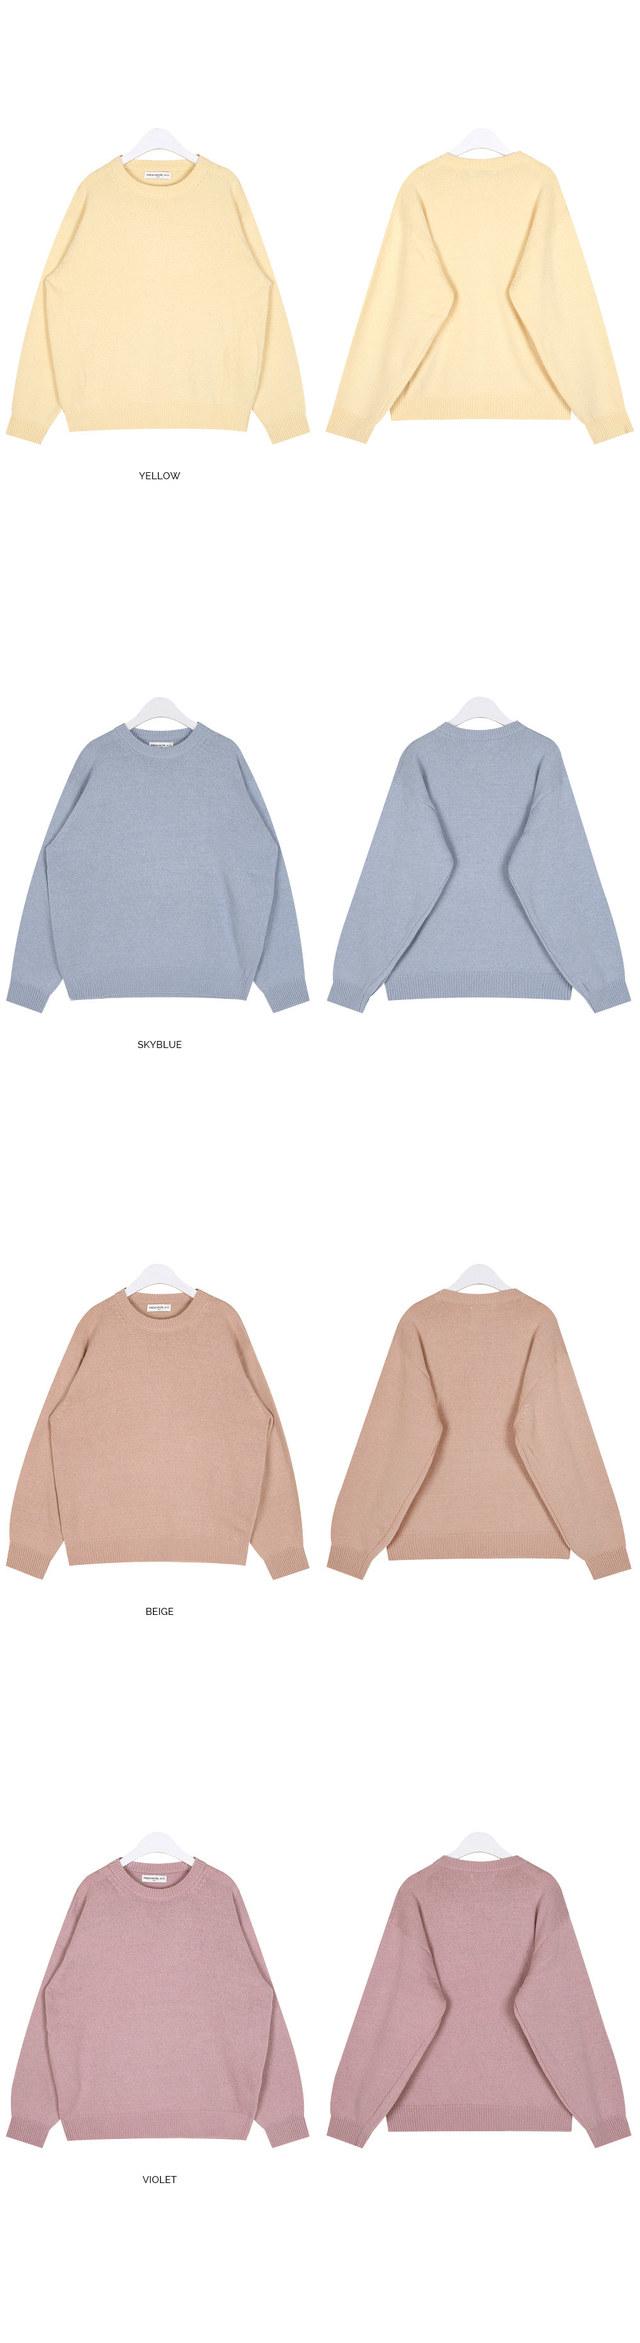 FRESH A wool cozy knit